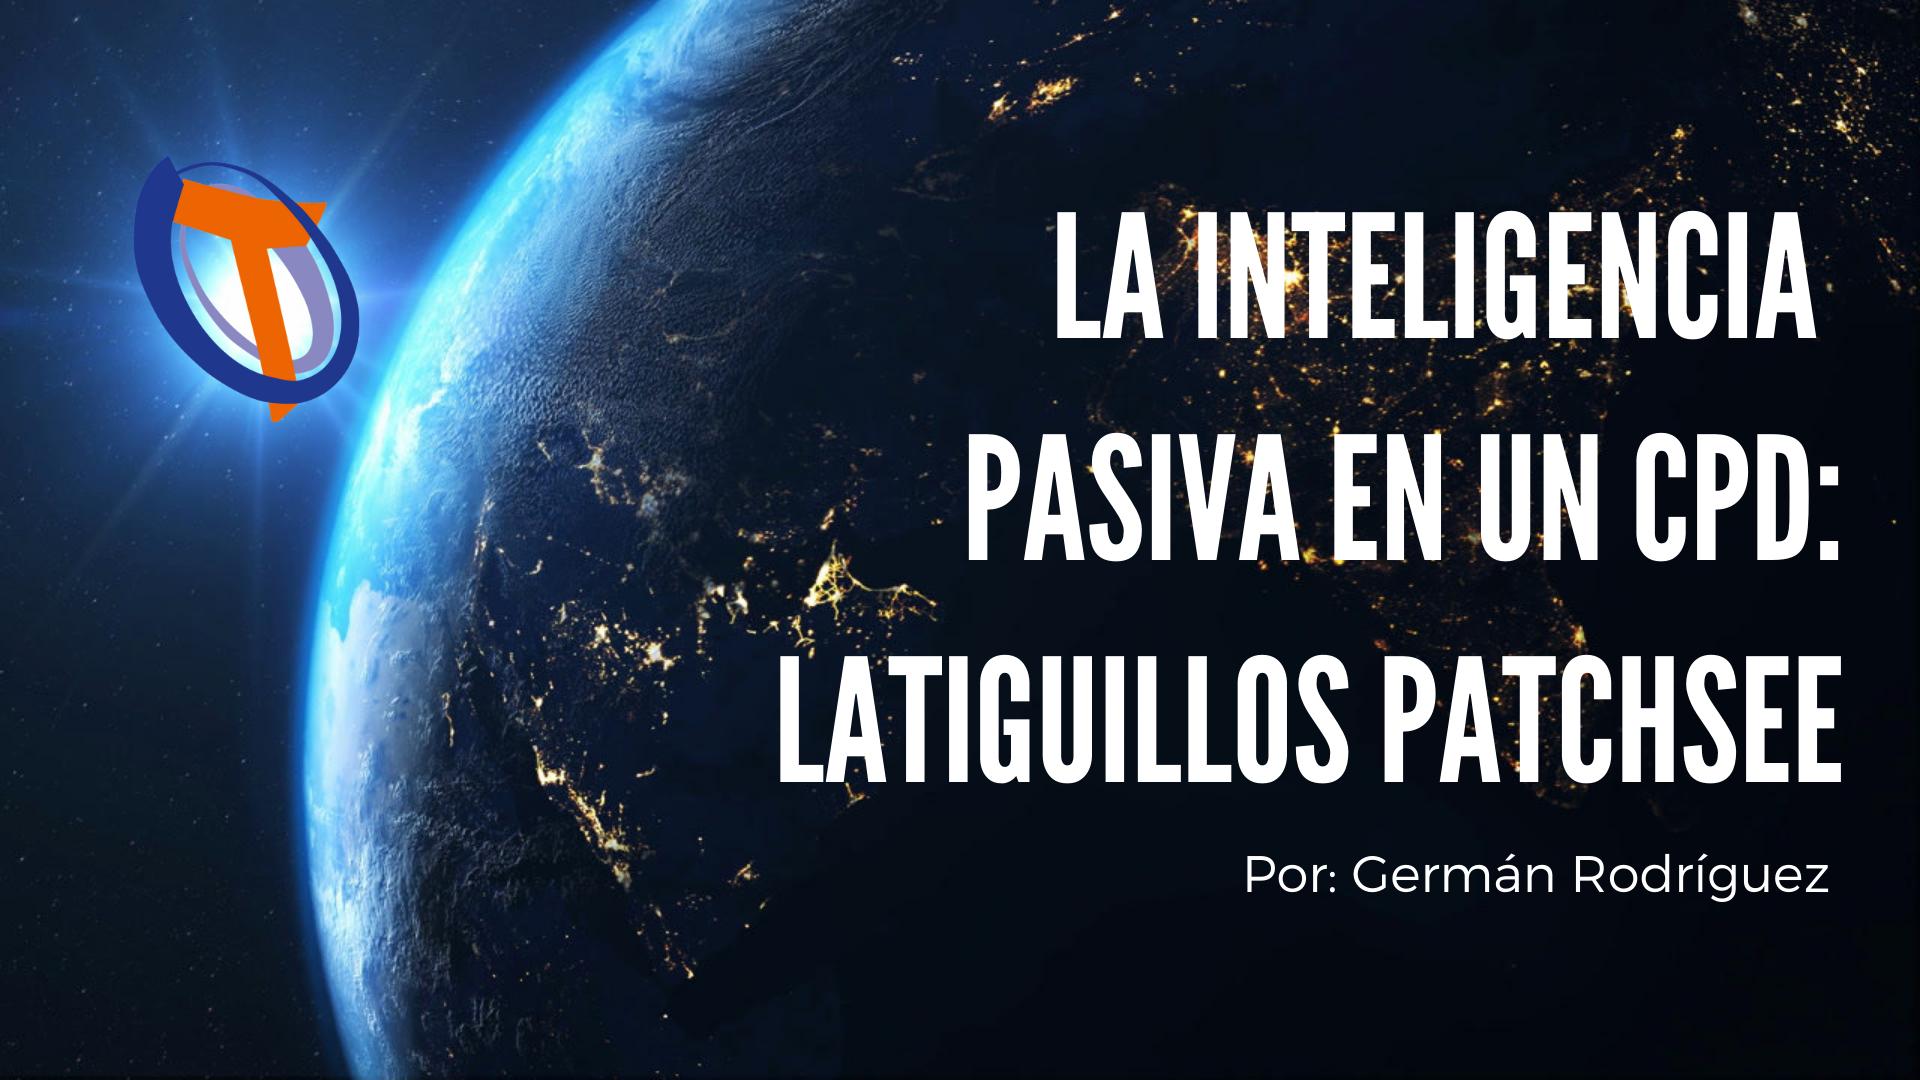 La Inteligencia Pasiva en un CPD: Latiguillos PatchSee.